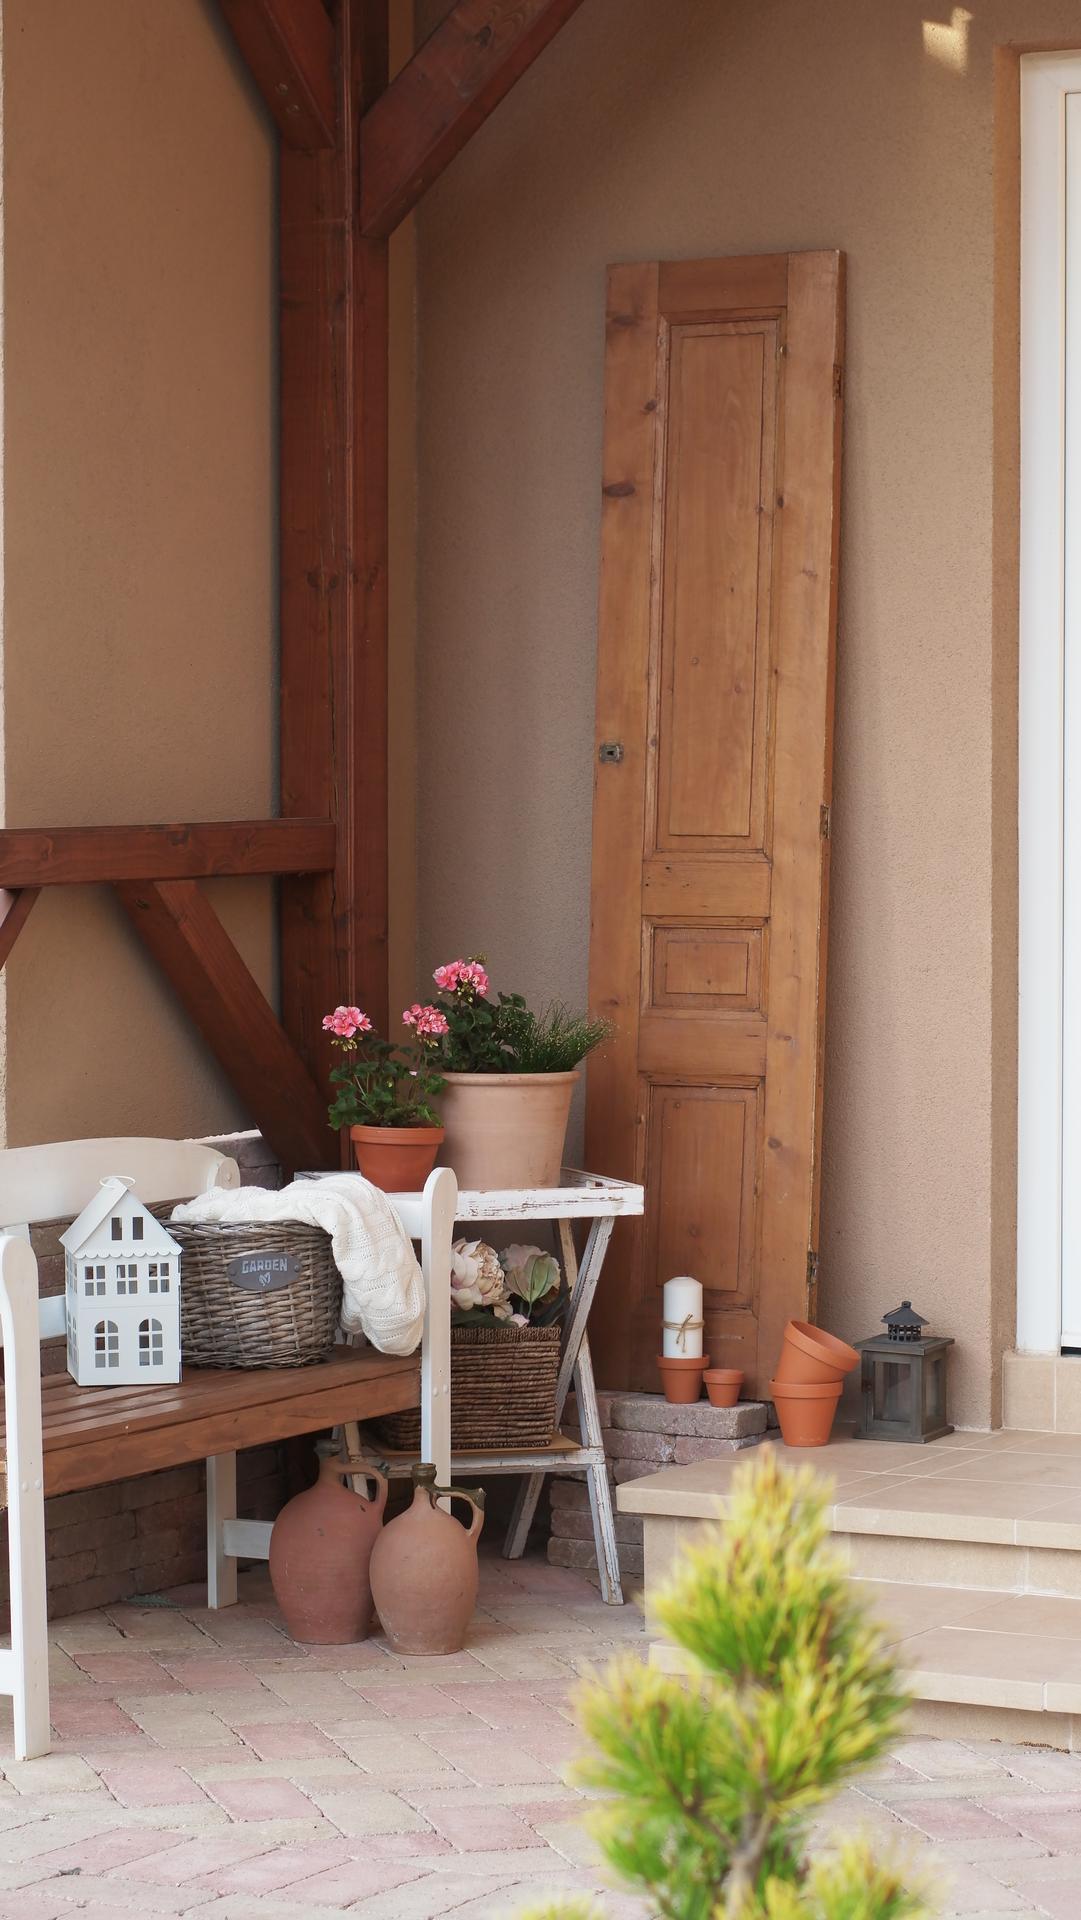 Náš domček ♡ Bramasole ♡ ... Stilo interiér aj exteriér 4. rok bývania - Obrázok č. 70